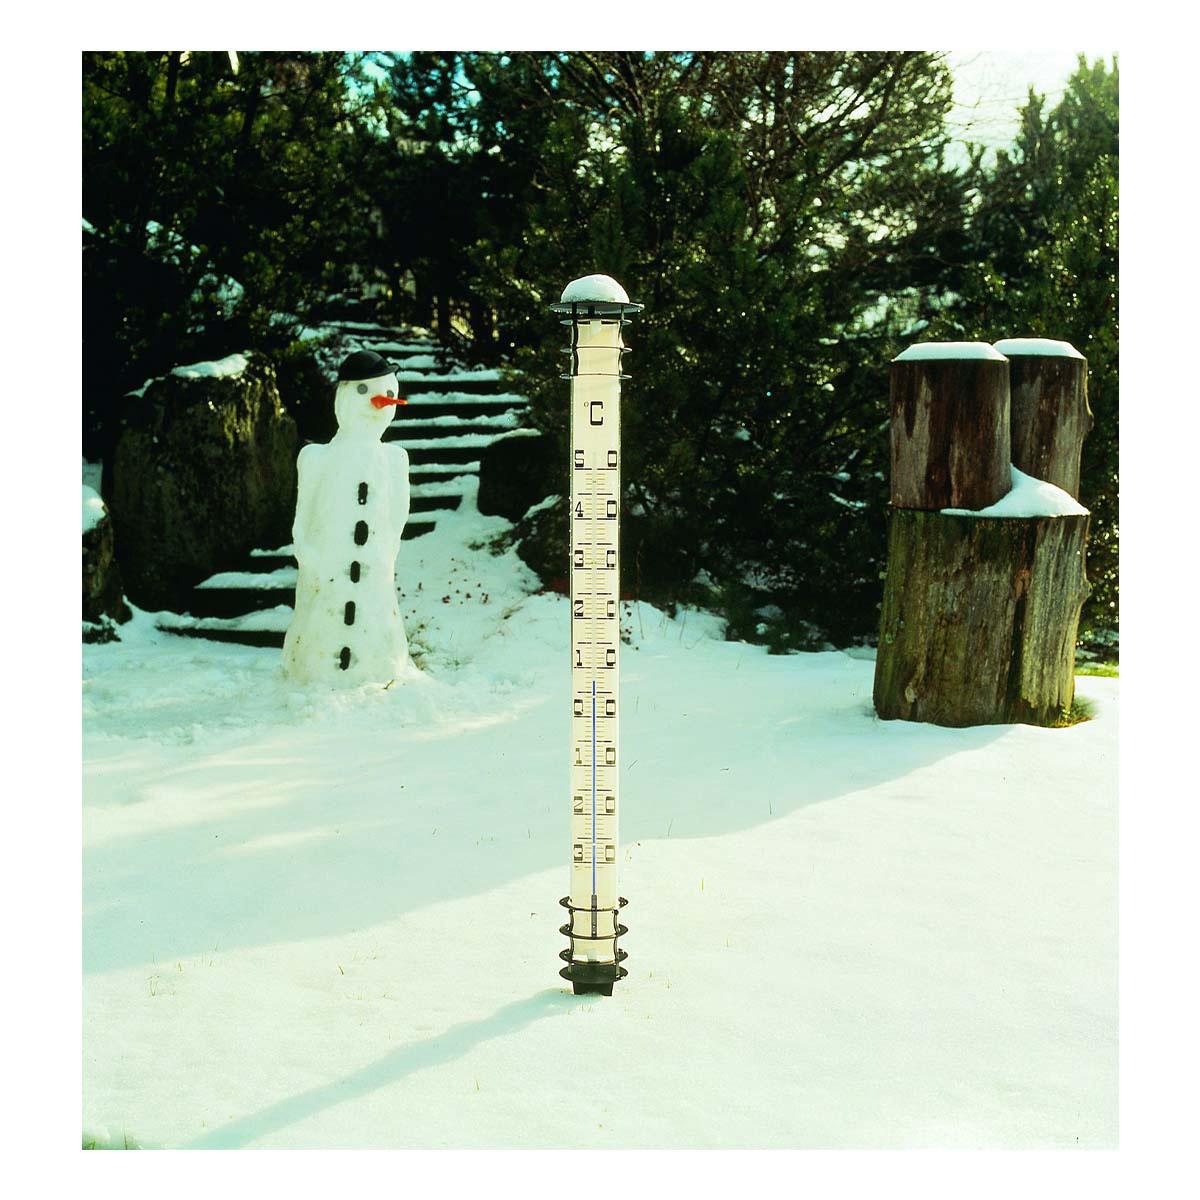 12-2002-analoges-gartenthermometer-jumbo-anwendung-1200x1200px.jpg